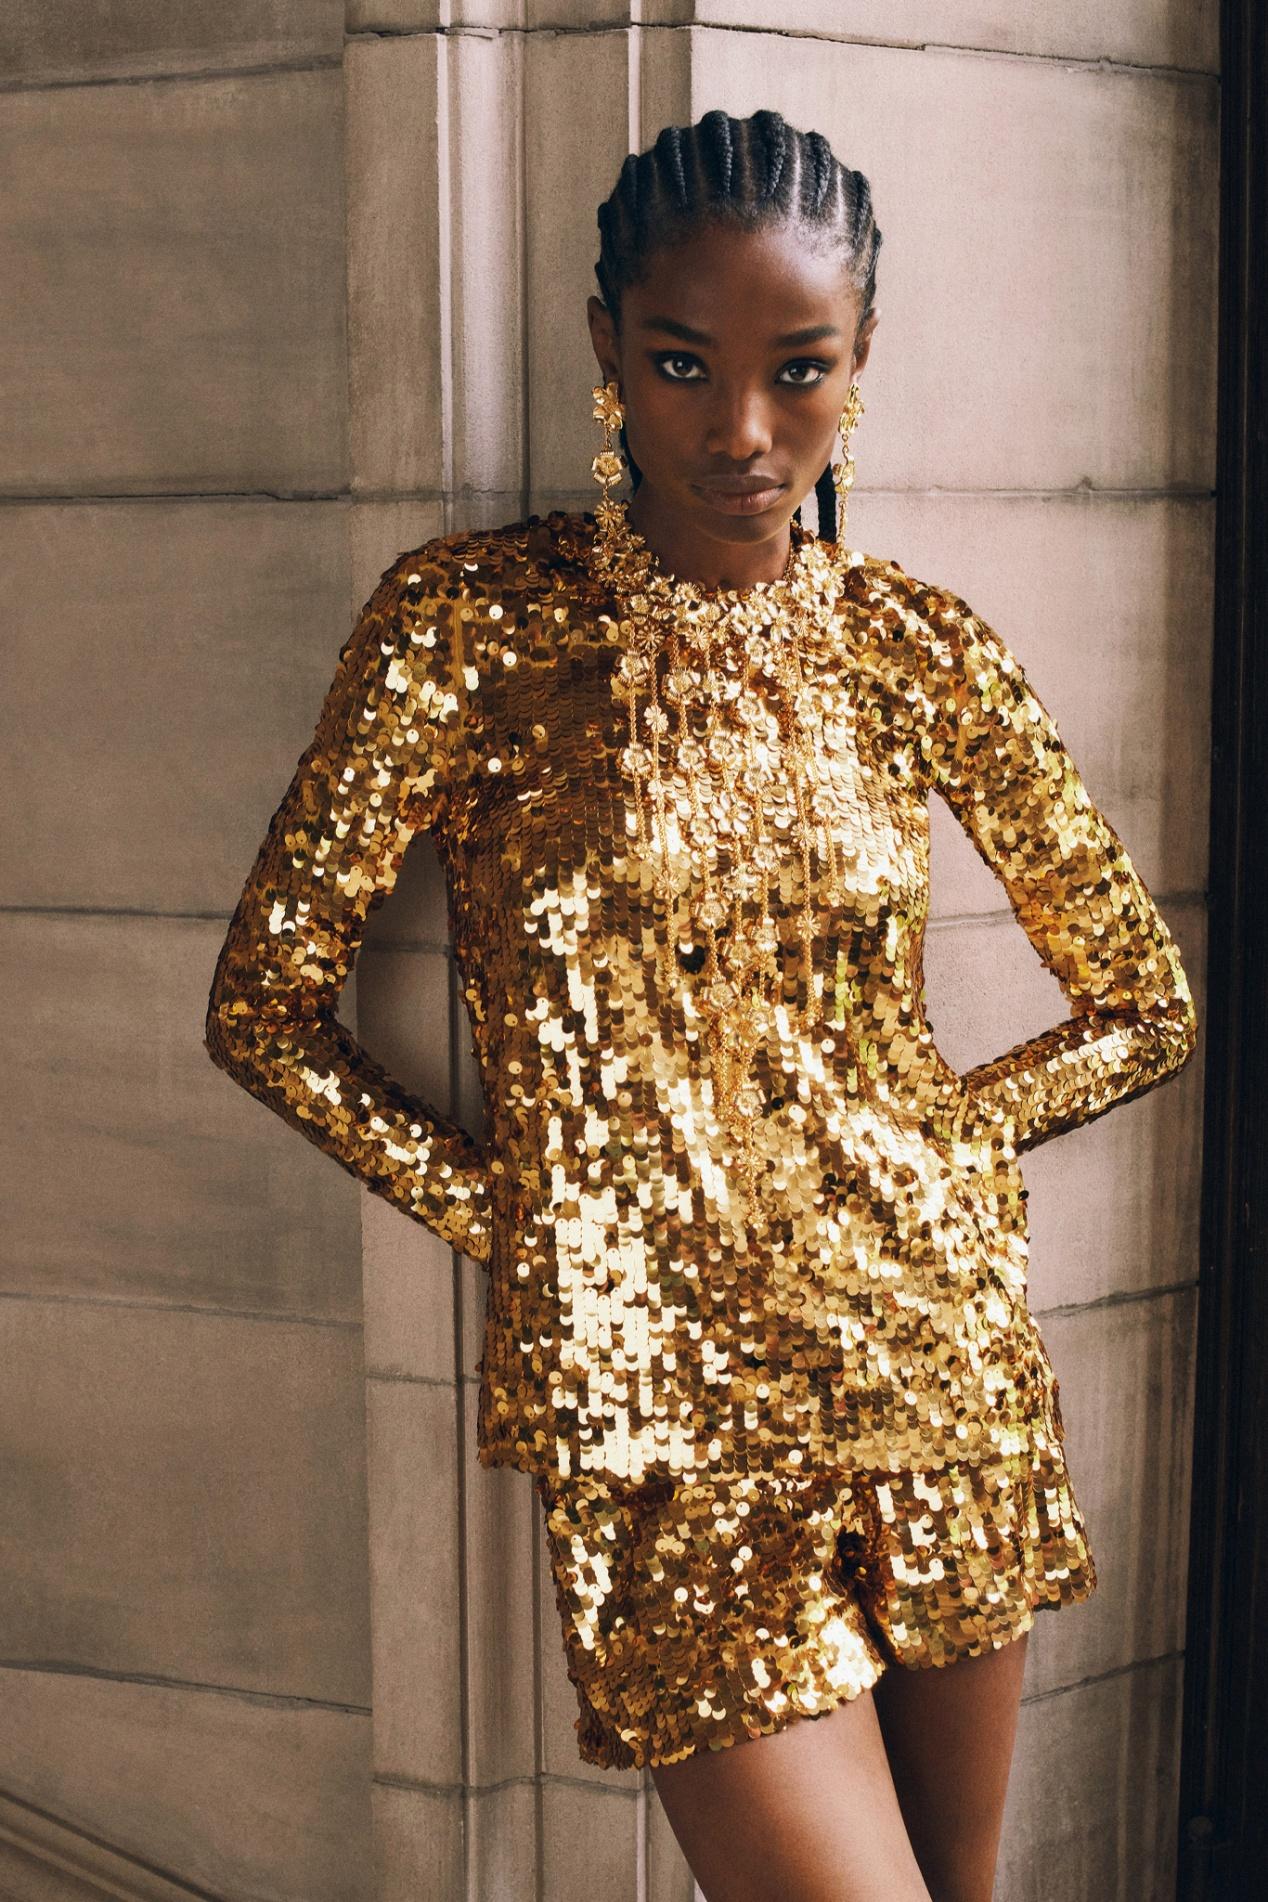 C. Herrera resort 2022 gold sequins vogue.jpg